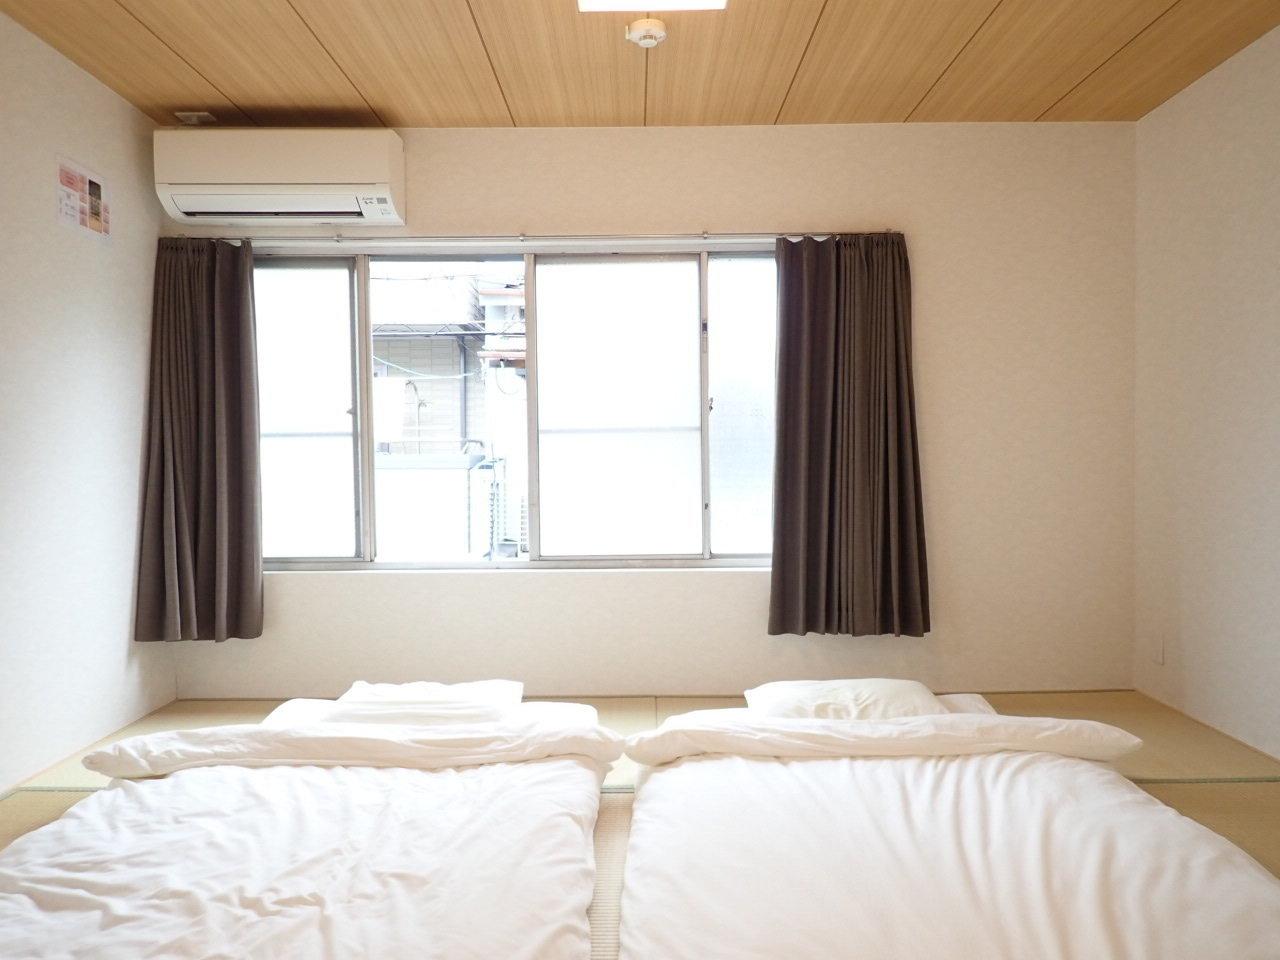 2階は階段を挟んで両サイドに、6畳と8畳の和室がありますよ。子ども部屋、大人用寝室、と使い分けましょう。